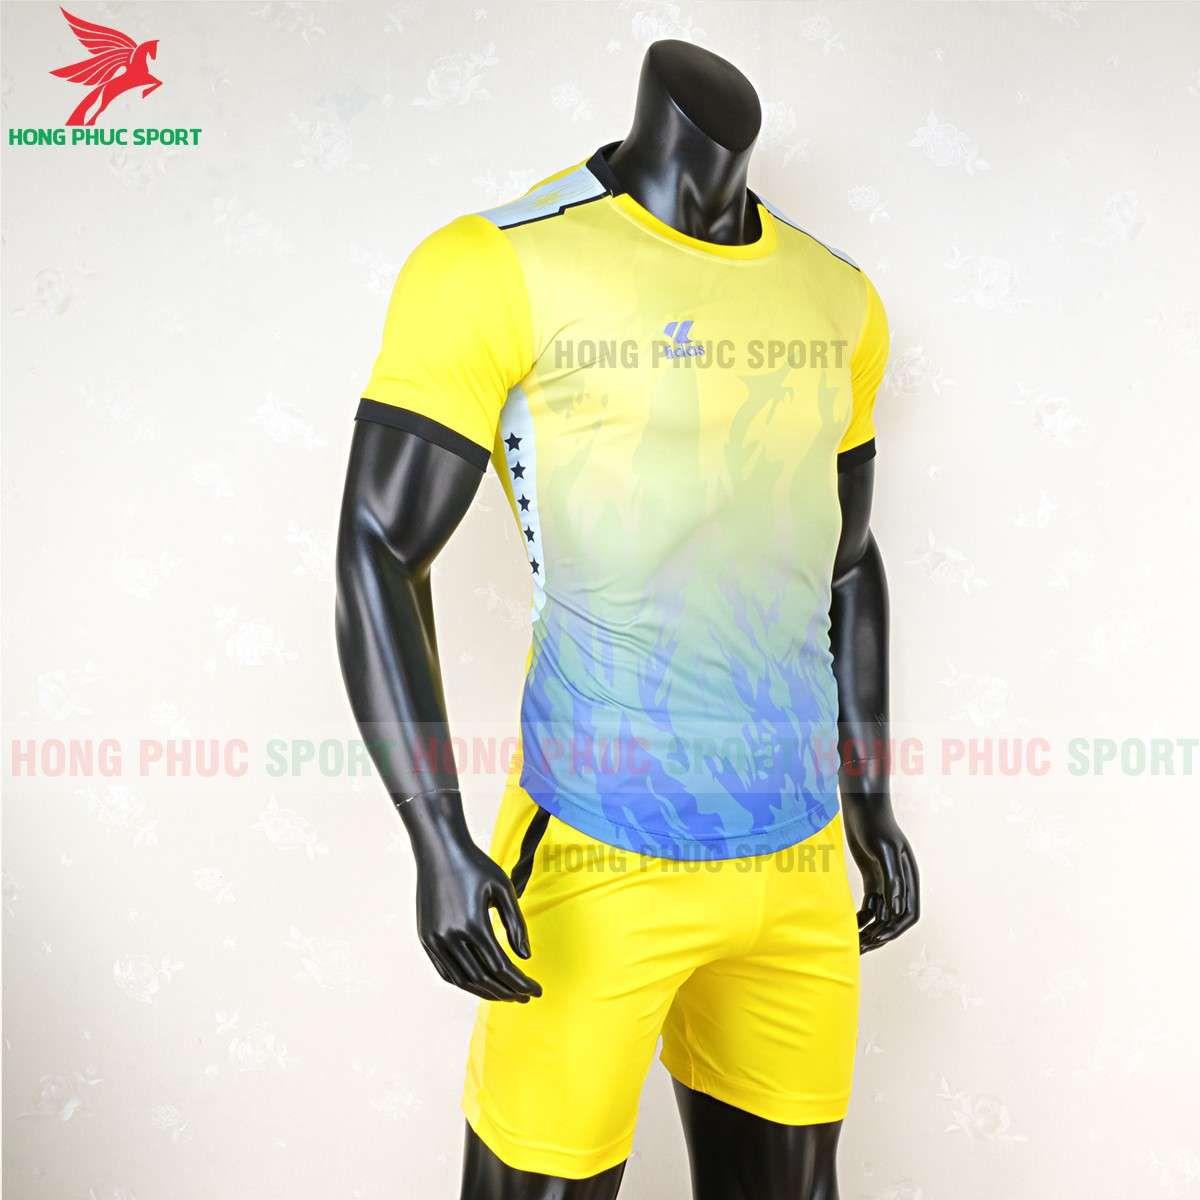 https://cdn.hongphucsport.com/unsafe/cdn.hongphucsport.com/dothethao.net.vn/wp-content/uploads/2020/03/ao-bong-da-khong-logo-lidas-089-vang-xanh.jpg